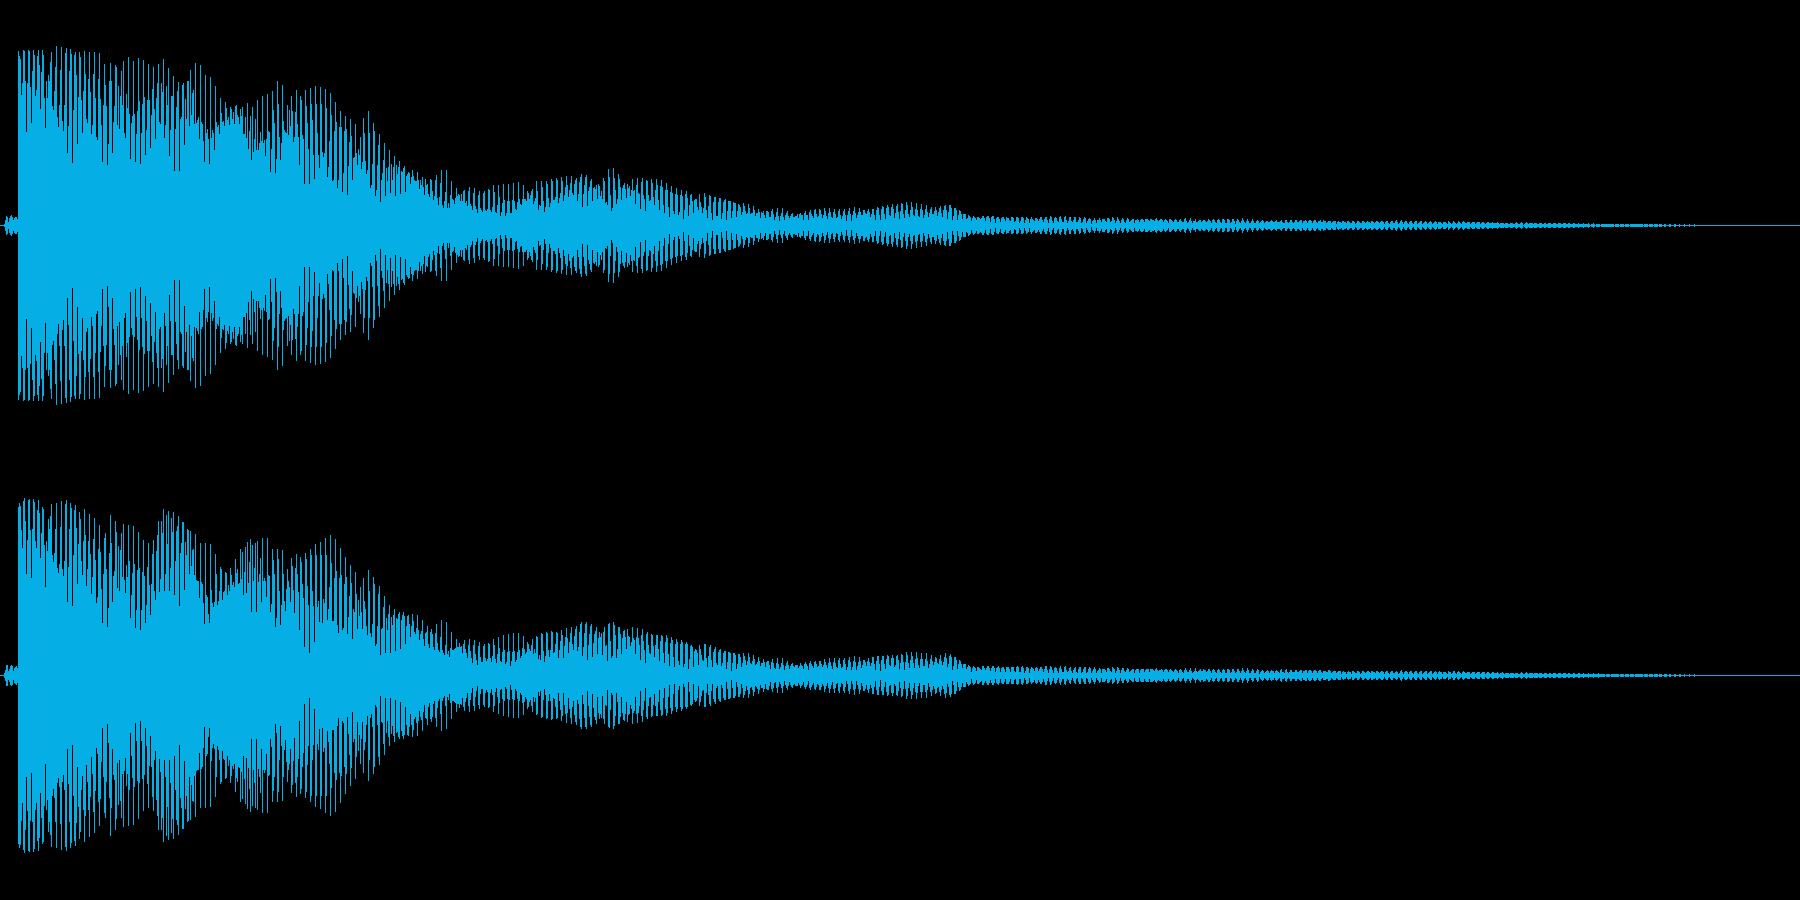 キワァ〜ン(安らかで不思議と耳に残る音)の再生済みの波形